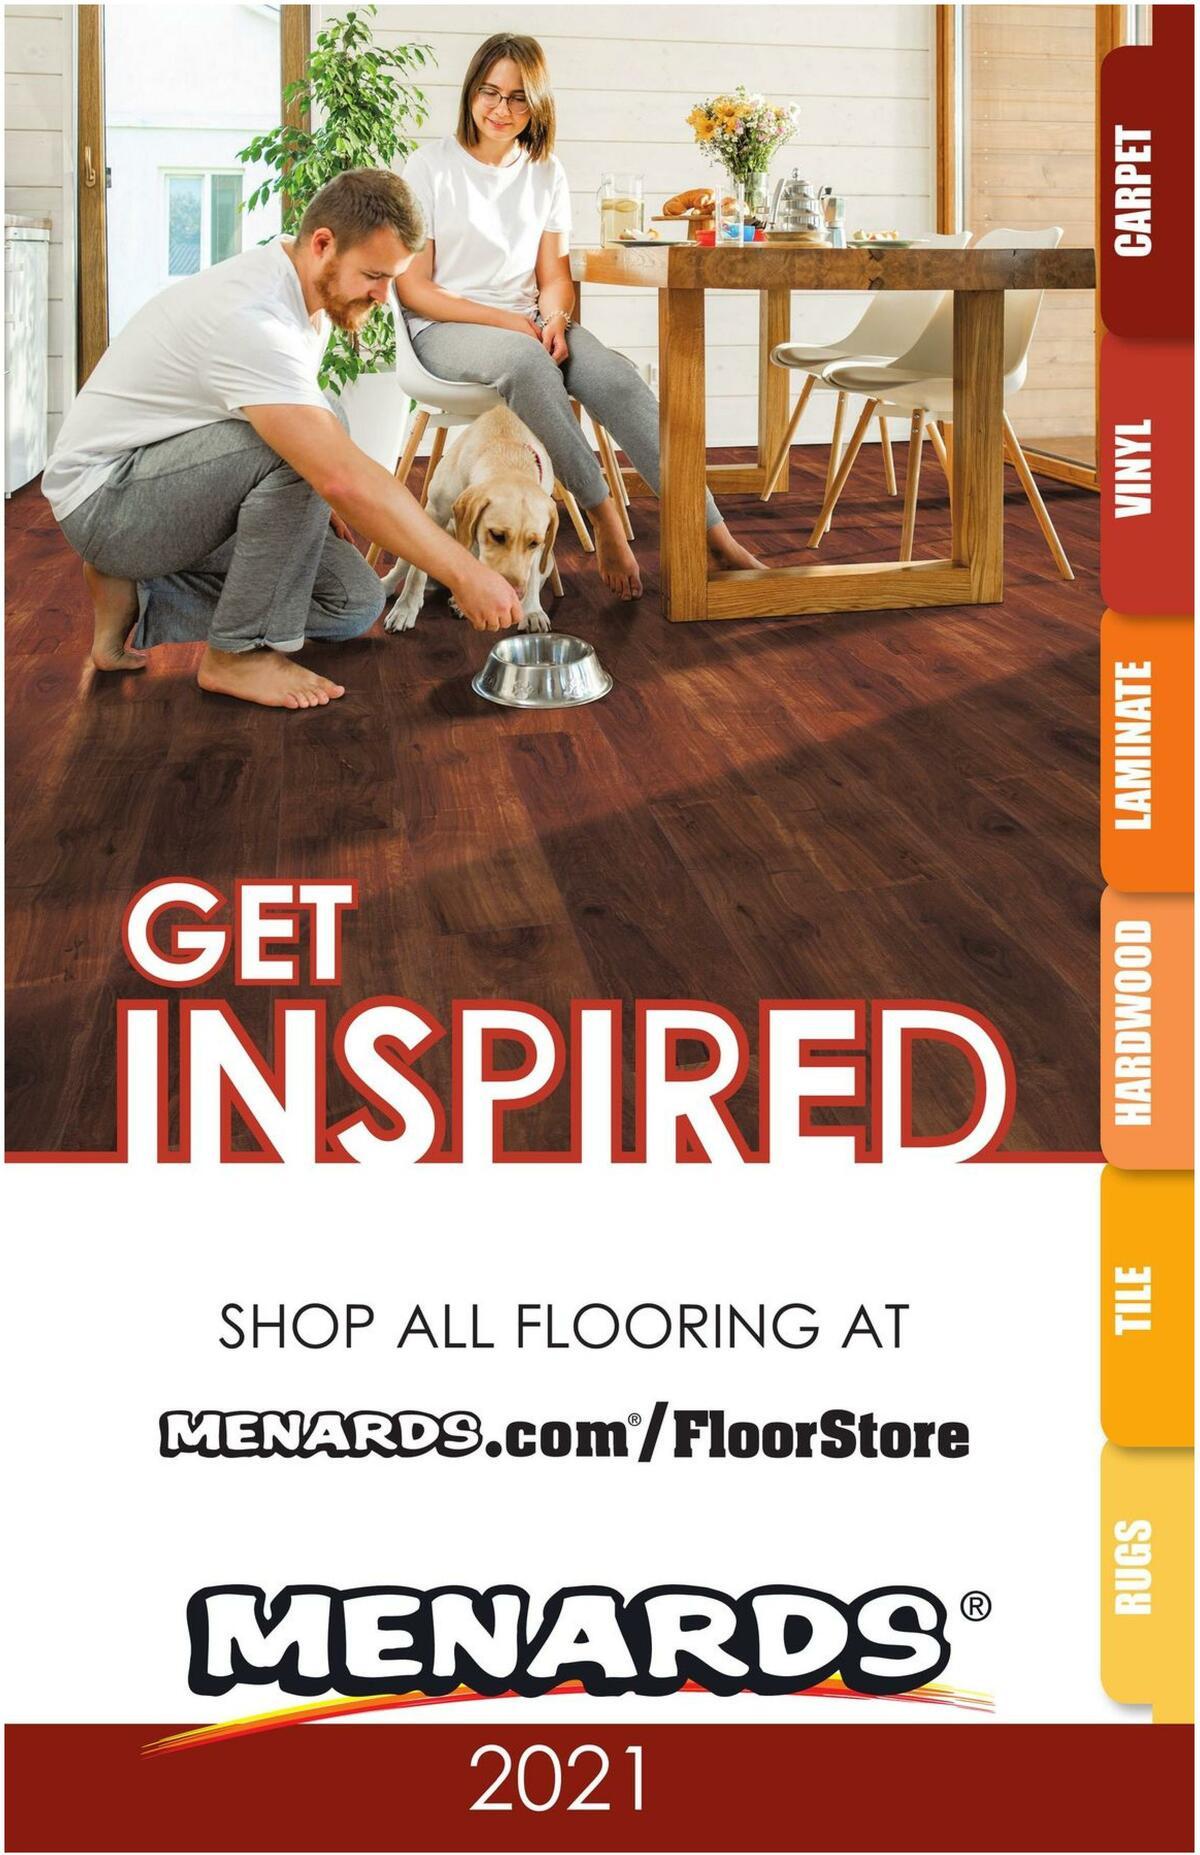 Menards Flooring Catalog 2021 Weekly Ad from December 28